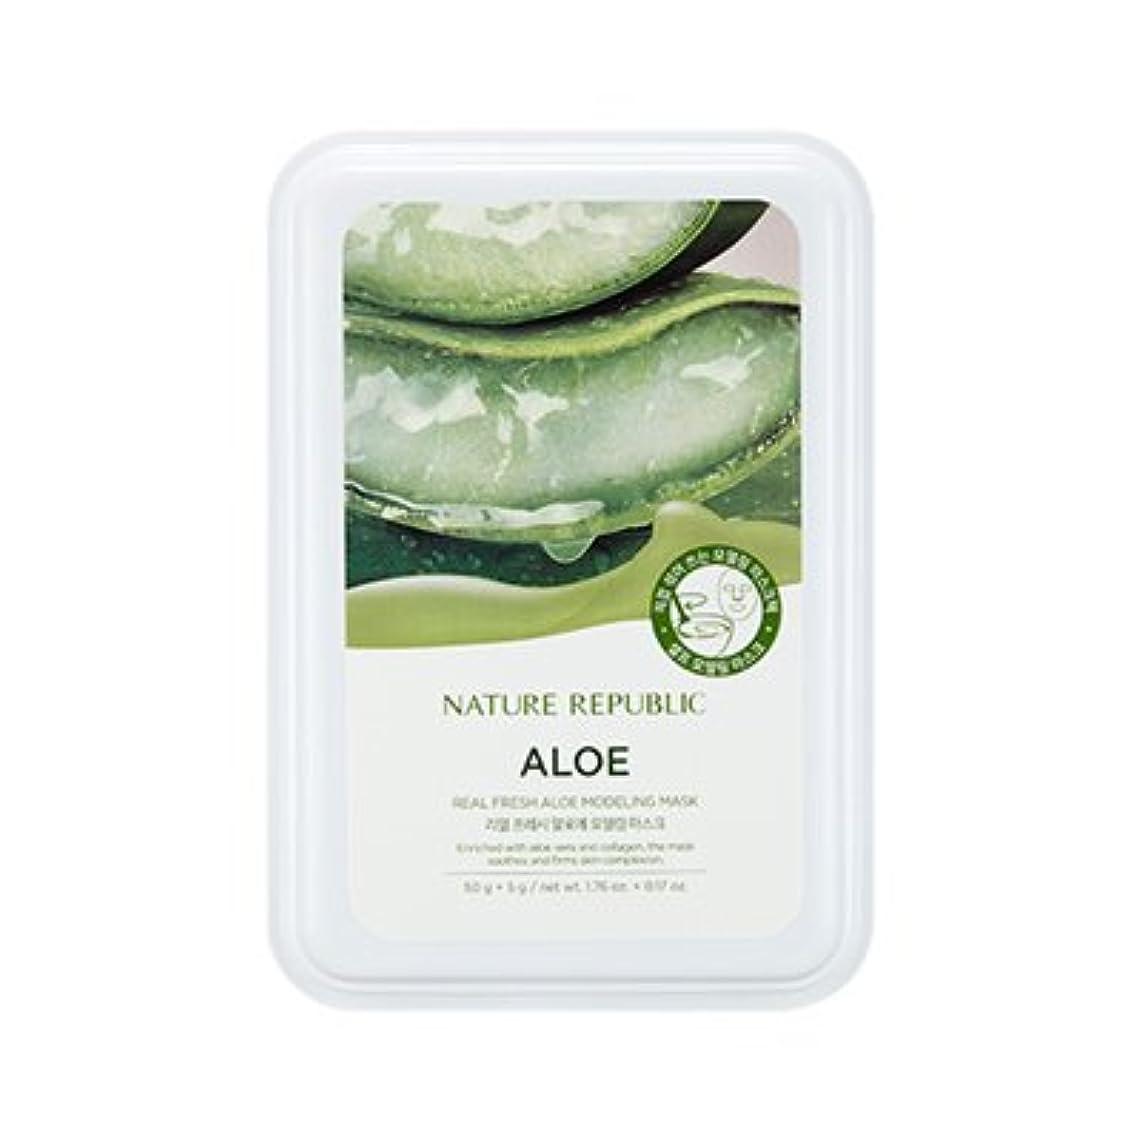 微視的所有権反毒NATURE REPUBLIC Real Fresh Aloe Modeling Mask / ネイチャーリパブリック リアルフレッシュアロエモデリングマスク [並行輸入品]